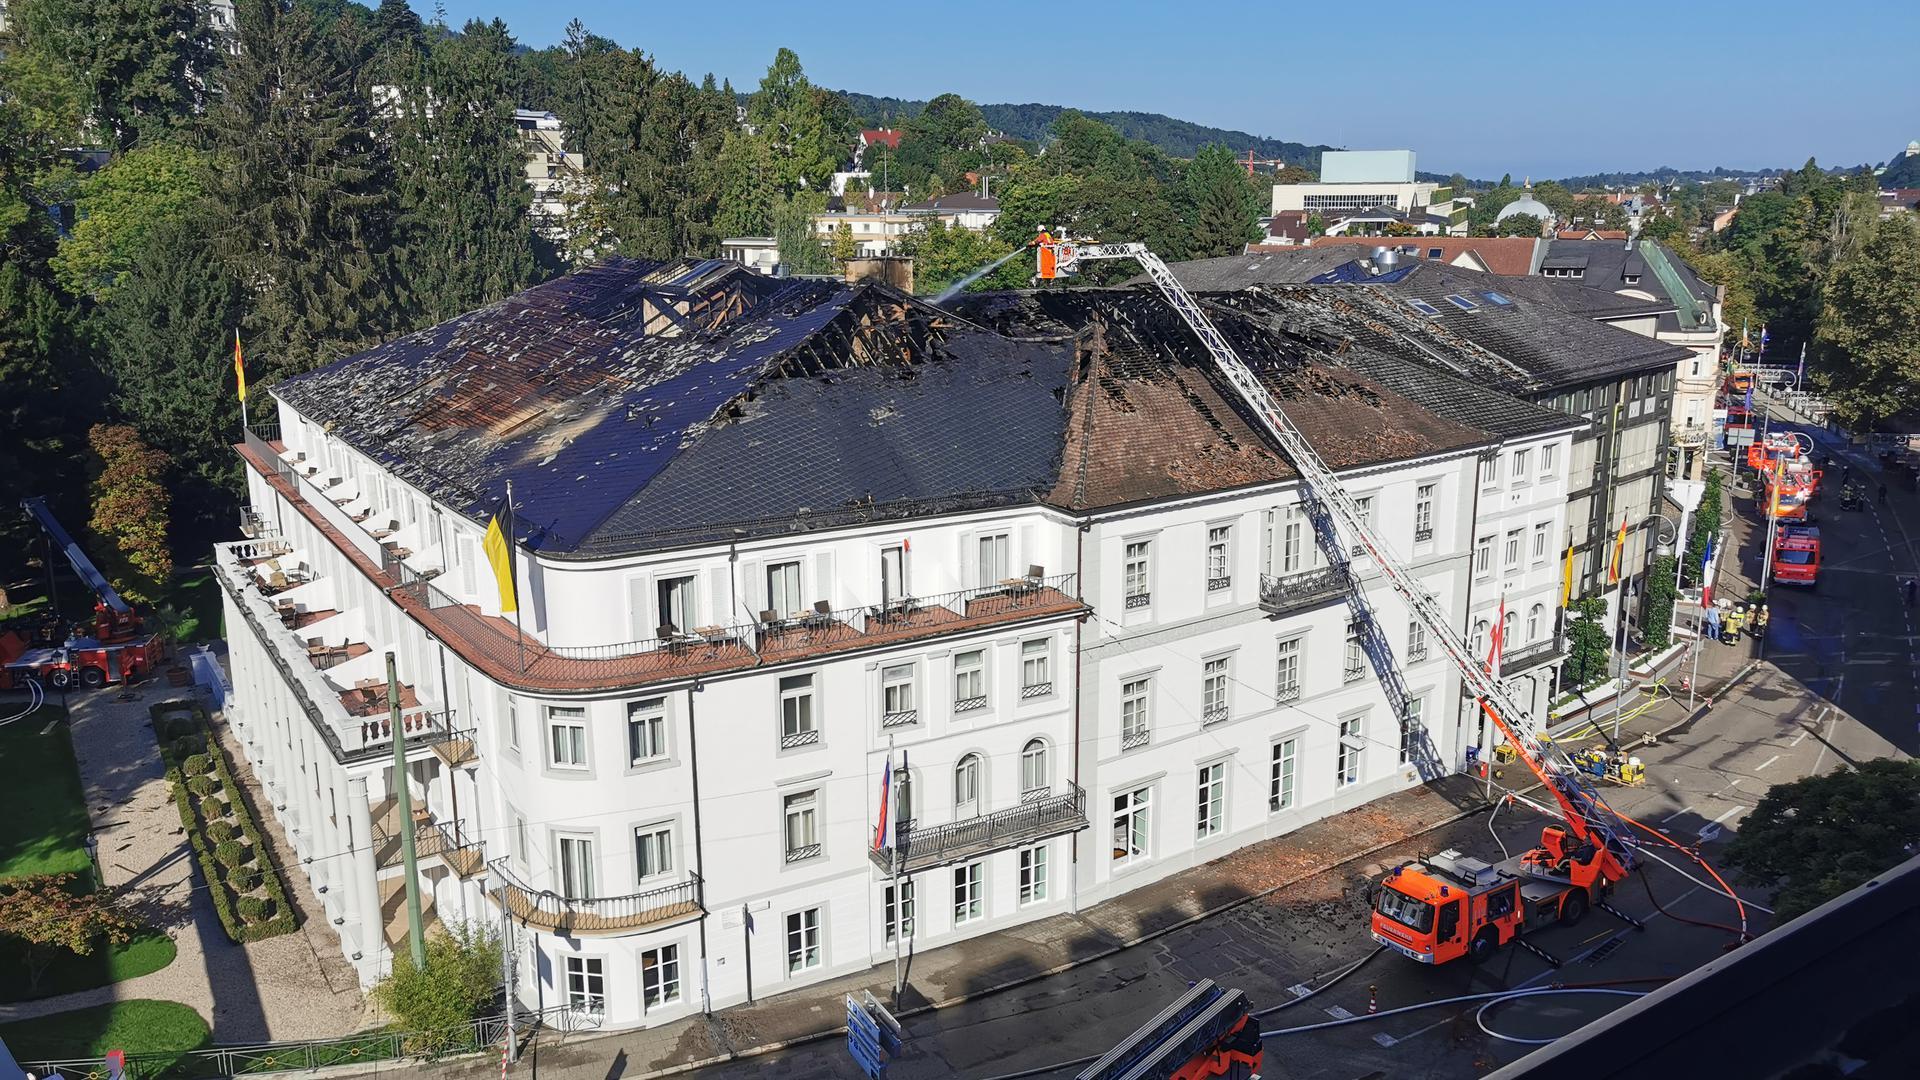 Brand Badischer Hof Baden-Baden